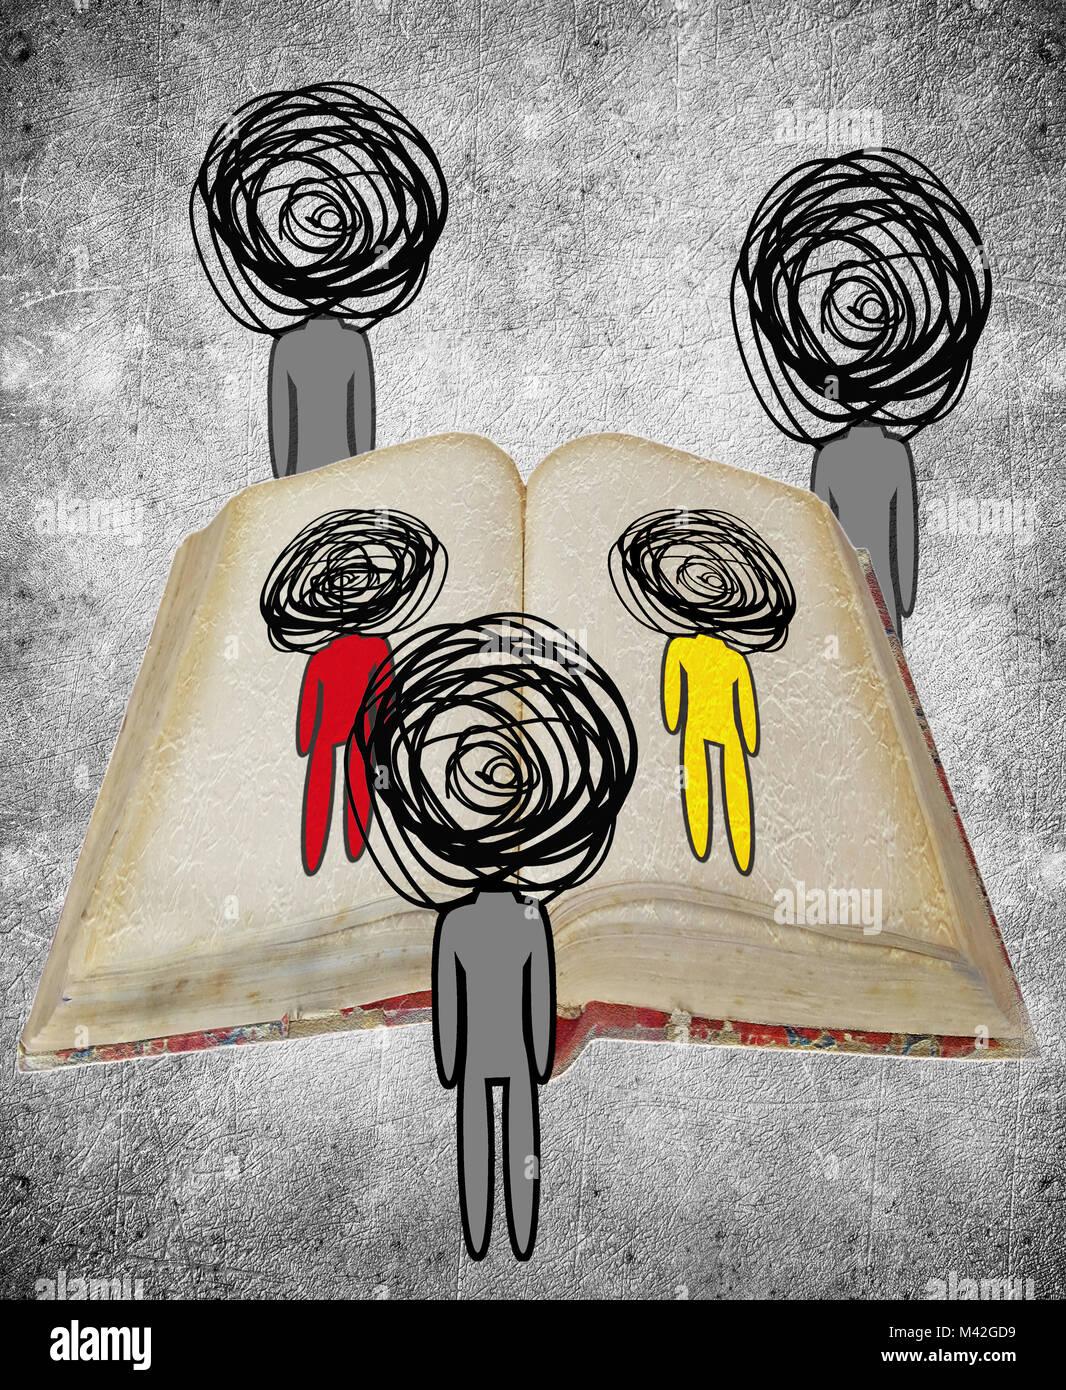 Drei menschliche Figuren beobachten ein Buch wissen Konzept digitale Illustration Stockbild